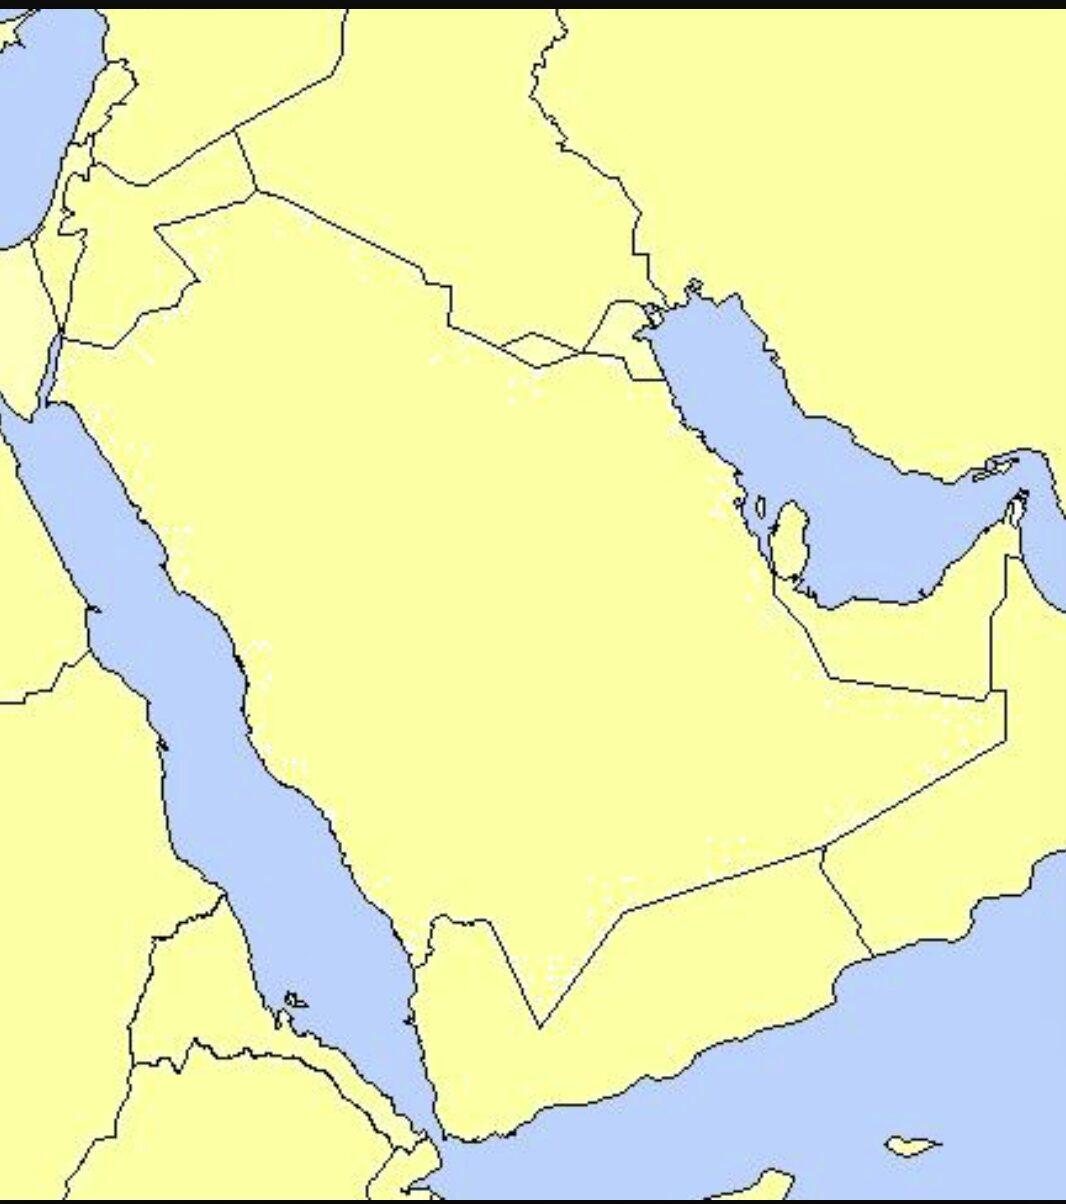 خريطة مجلس التعاون